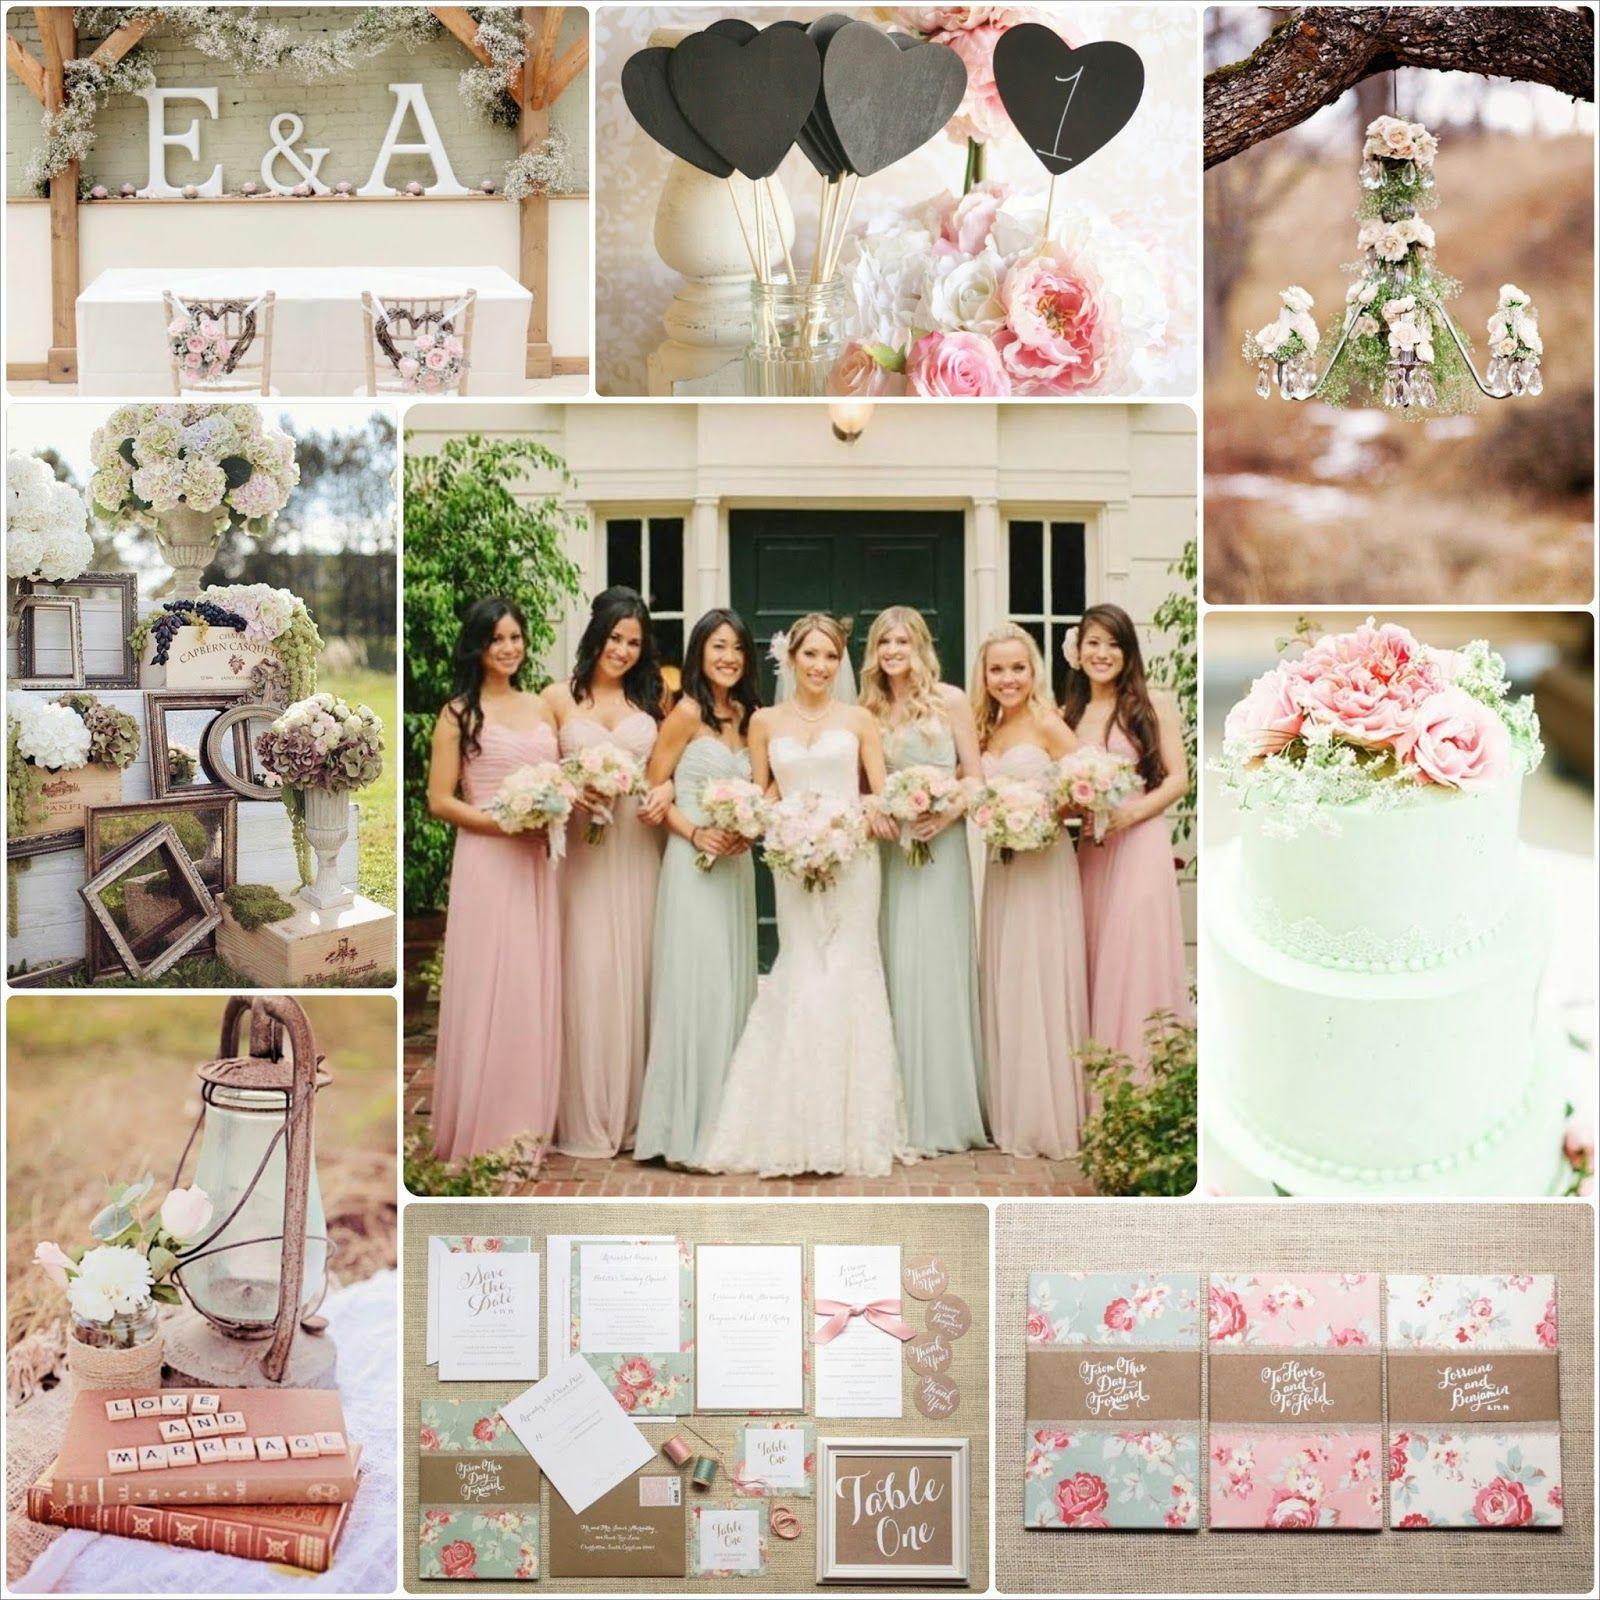 b55549ef1a8d Como organizar una boda estilo shabby chic | Wedding en 2019 ...